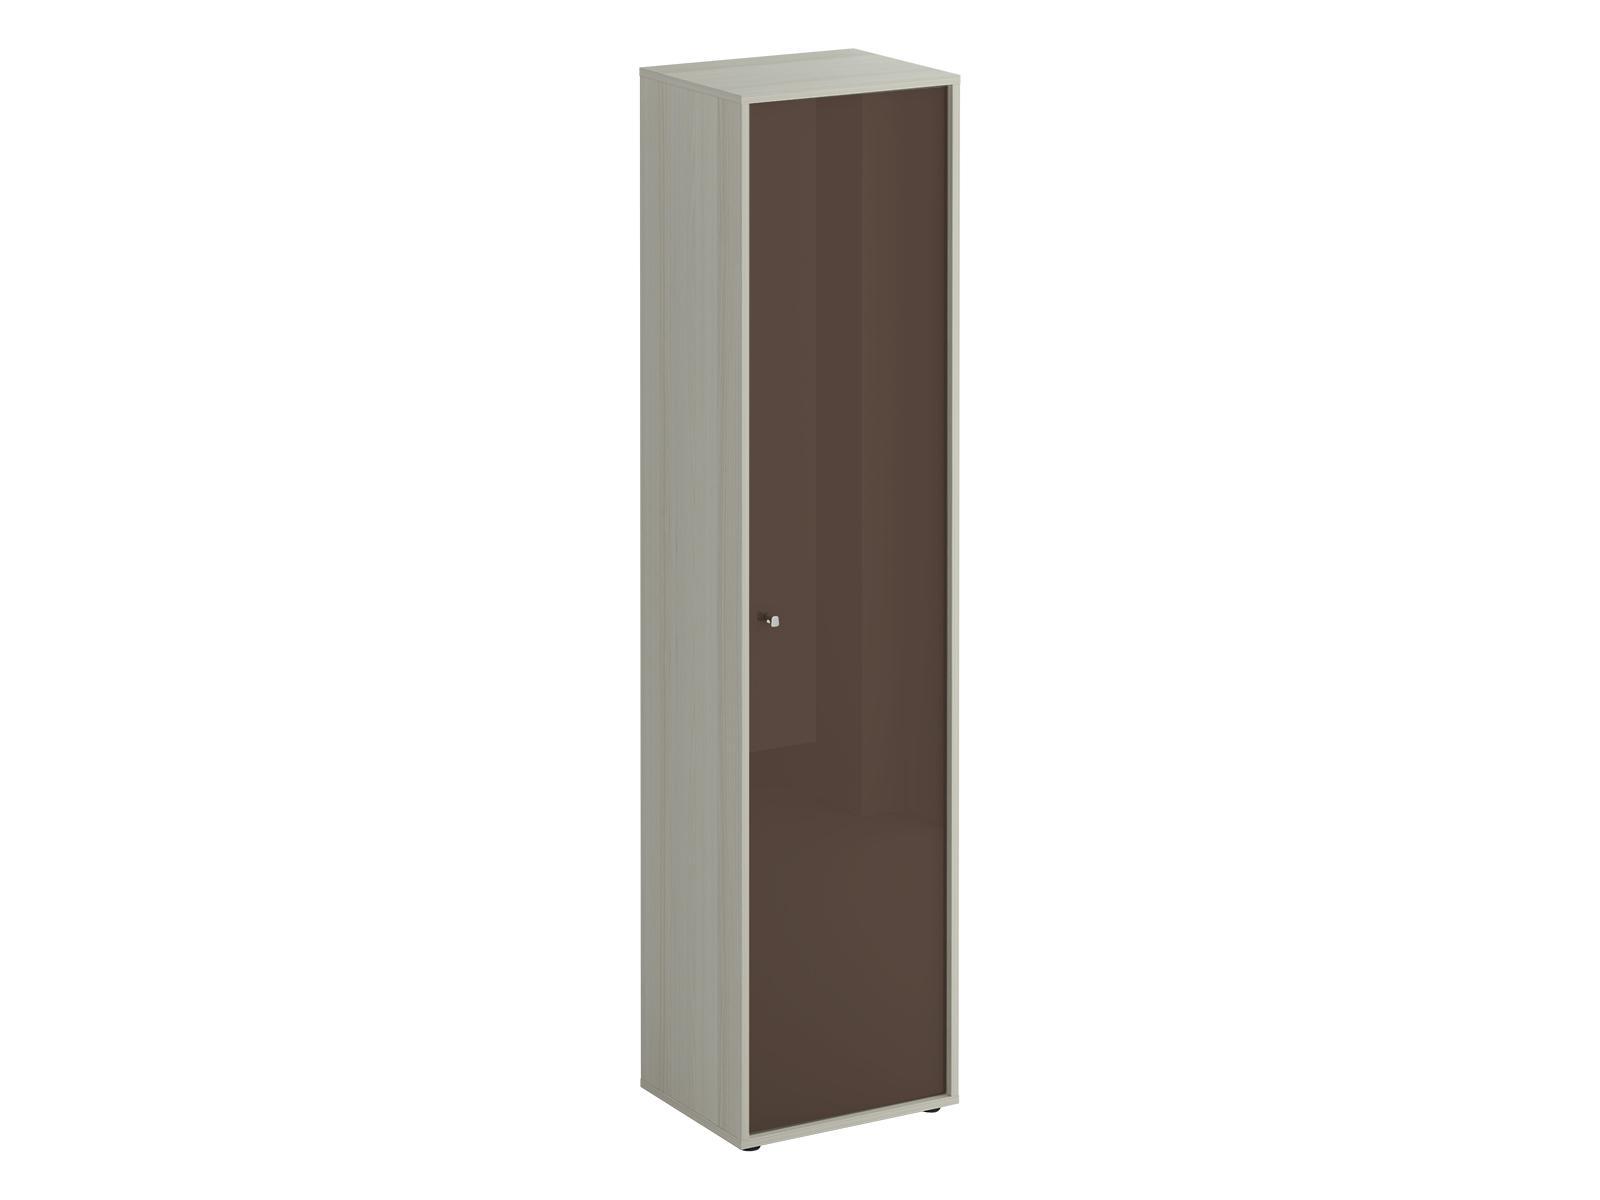 Шкаф однодверный LatteБельевые шкафы<br>Шкаф однодверный. Наполнение шкафа - 5 полок. Шкаф крепится к стене.&amp;lt;div&amp;gt;&amp;lt;br&amp;gt;&amp;lt;/div&amp;gt;&amp;lt;div&amp;gt;Ручки в комплект не входят&amp;lt;br&amp;gt;&amp;lt;div&amp;gt;&amp;lt;br&amp;gt;&amp;lt;/div&amp;gt;&amp;lt;/div&amp;gt;<br><br>Material: ДСП<br>Ширина см: 46<br>Высота см: 191<br>Глубина см: 37